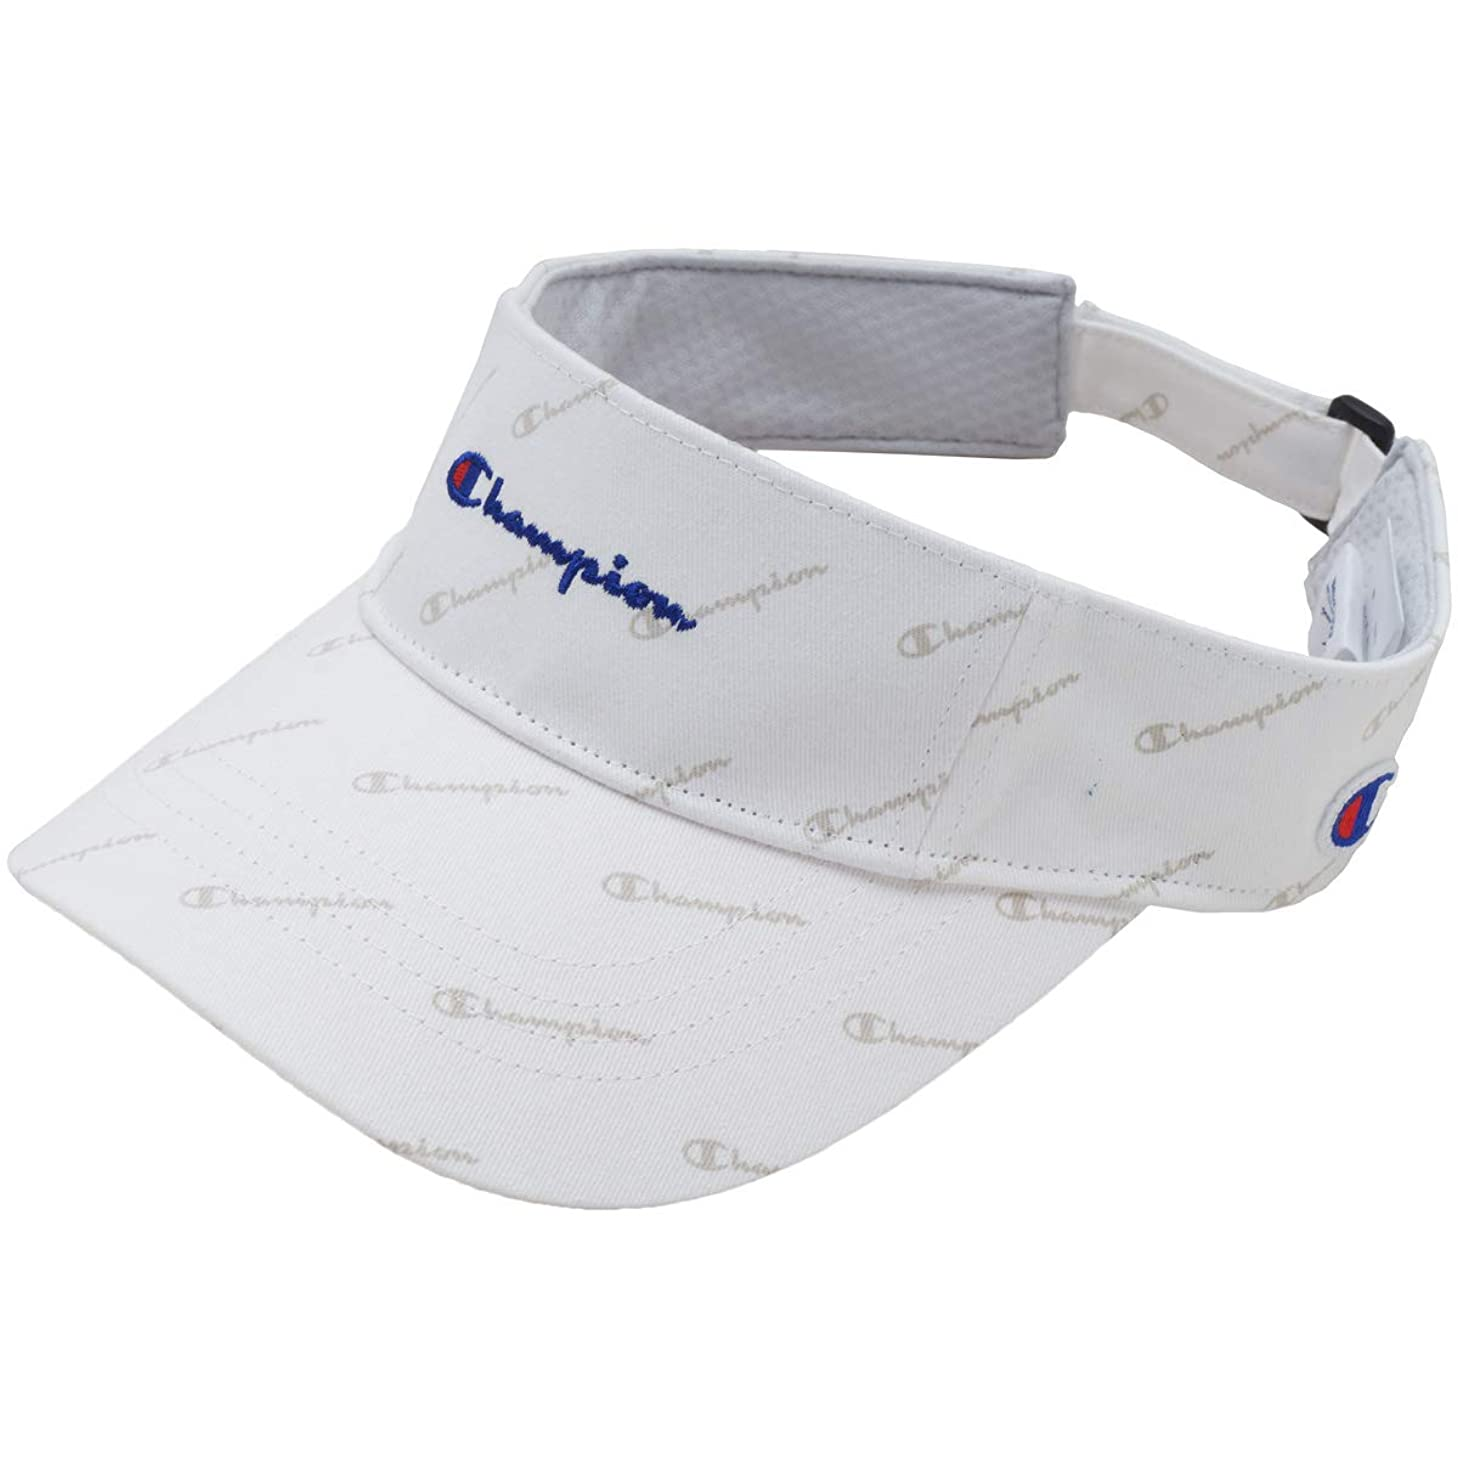 必需品アリーナ予報チャンピオンゴルフ Champion GOLF 帽子 サンバイザー レディス